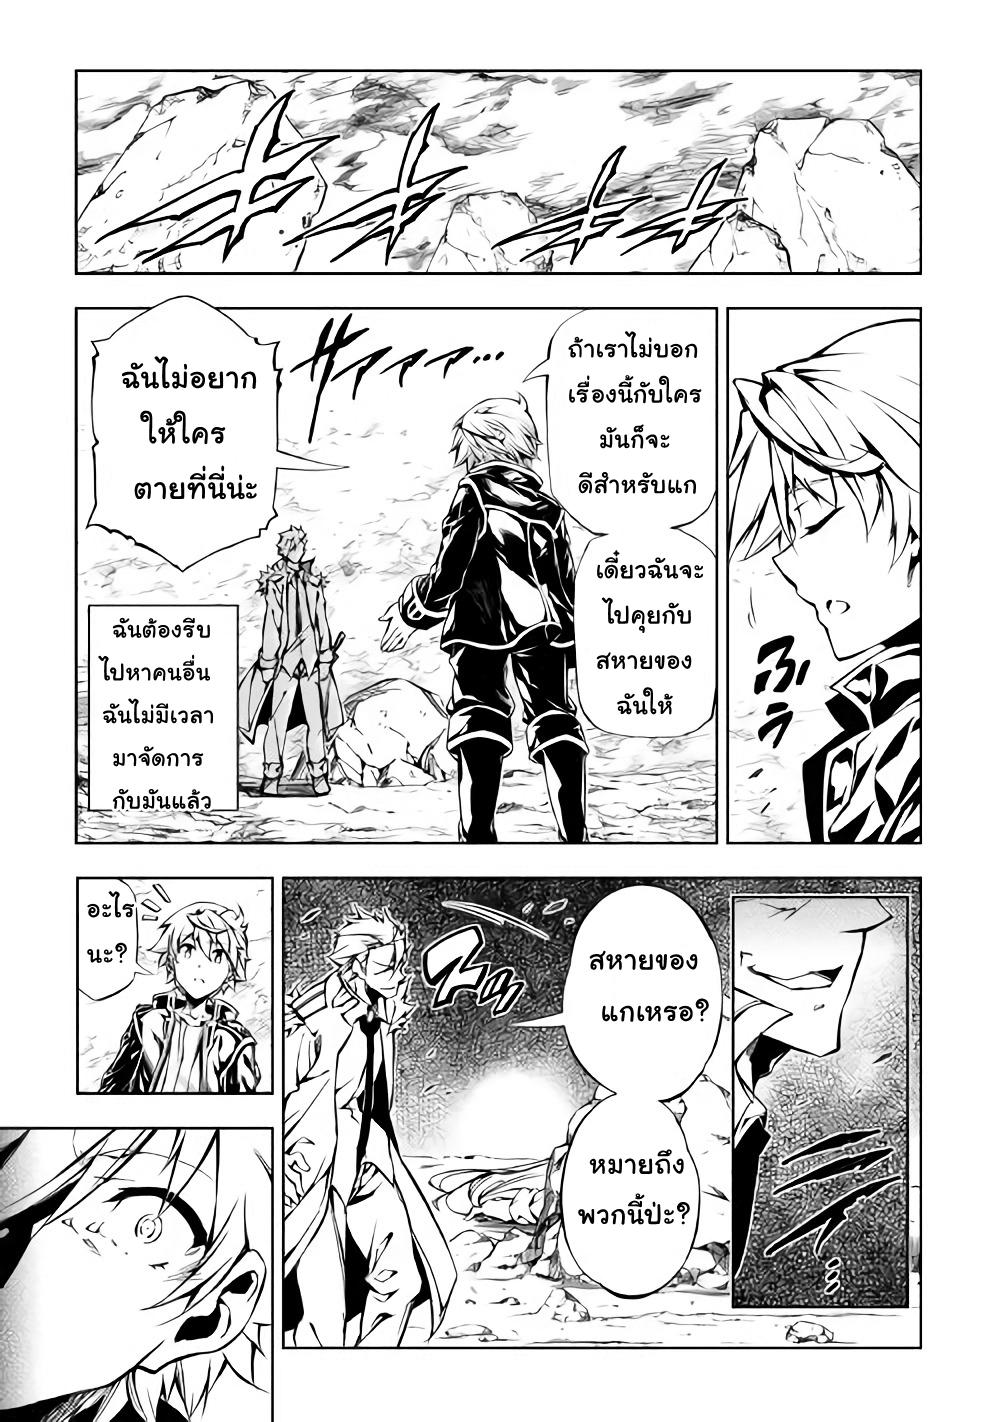 อ่านการ์ตูน Kouritsu Kuriya Madoushi, Dani no Jinsei de Madou o Kiwameru ตอนที่ 29 กระสุนเวทย์มนตร์ที่ชั่วร้าย หน้า 25